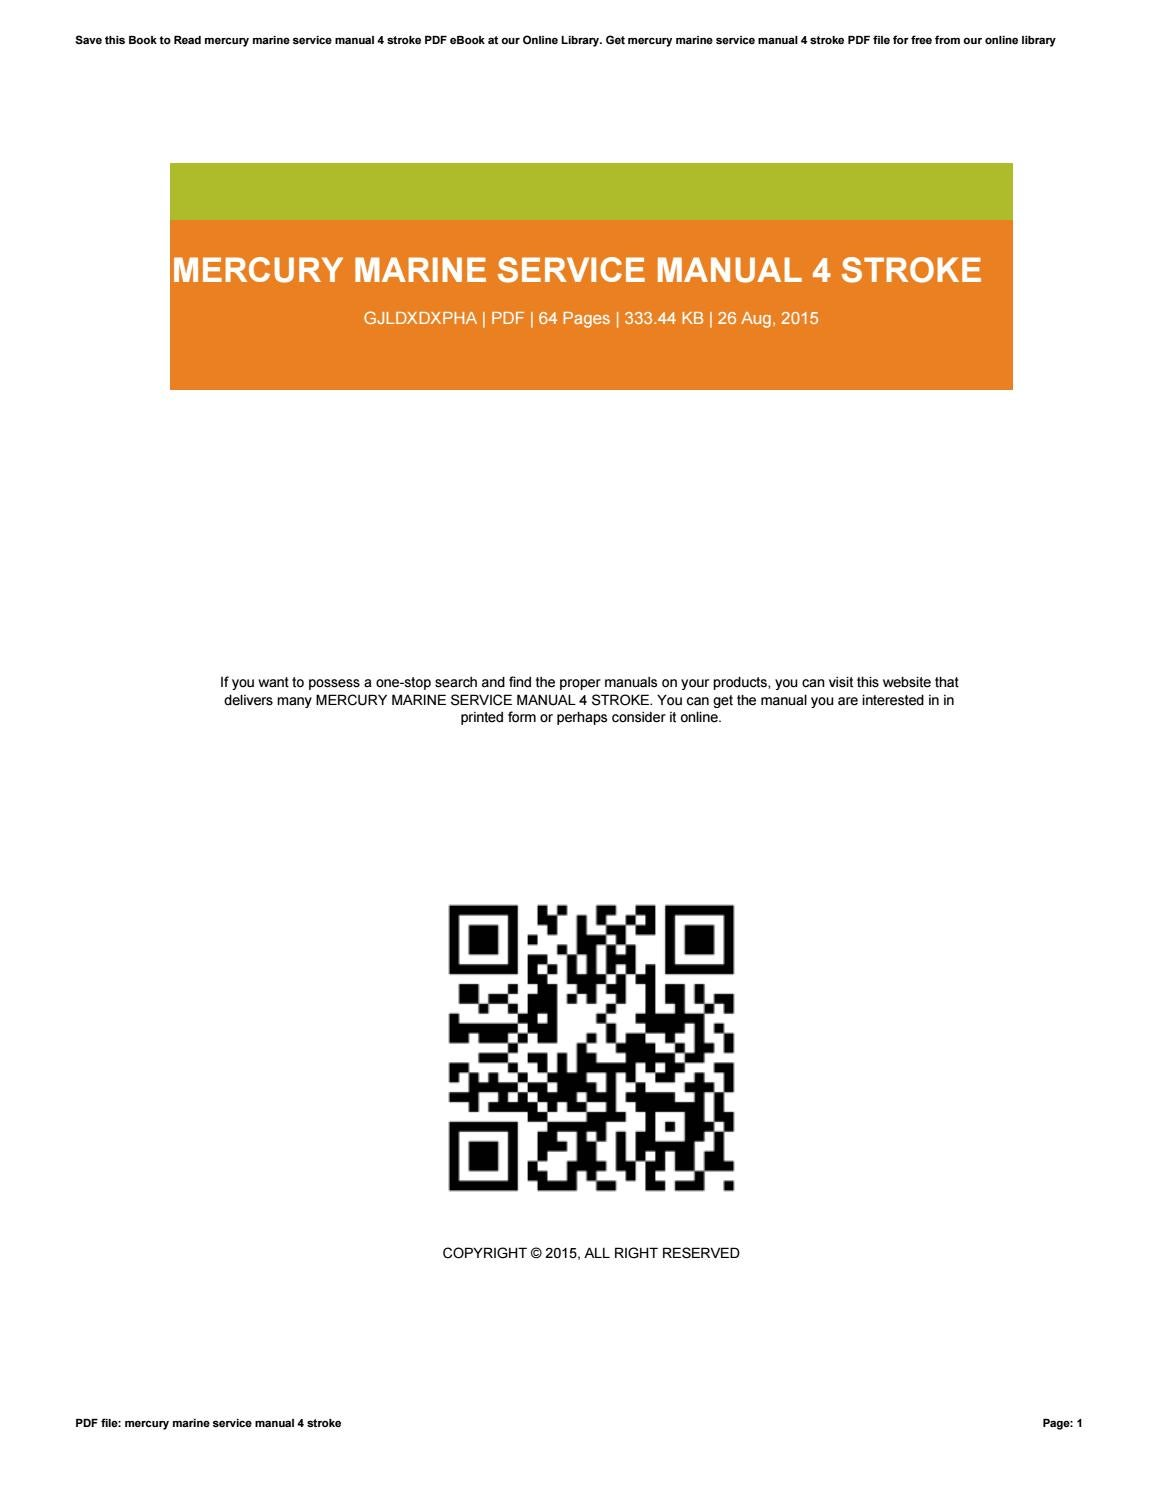 ... Array - mercury marine service manual 4 stroke by ppetw26 issuu rh  issuu ...